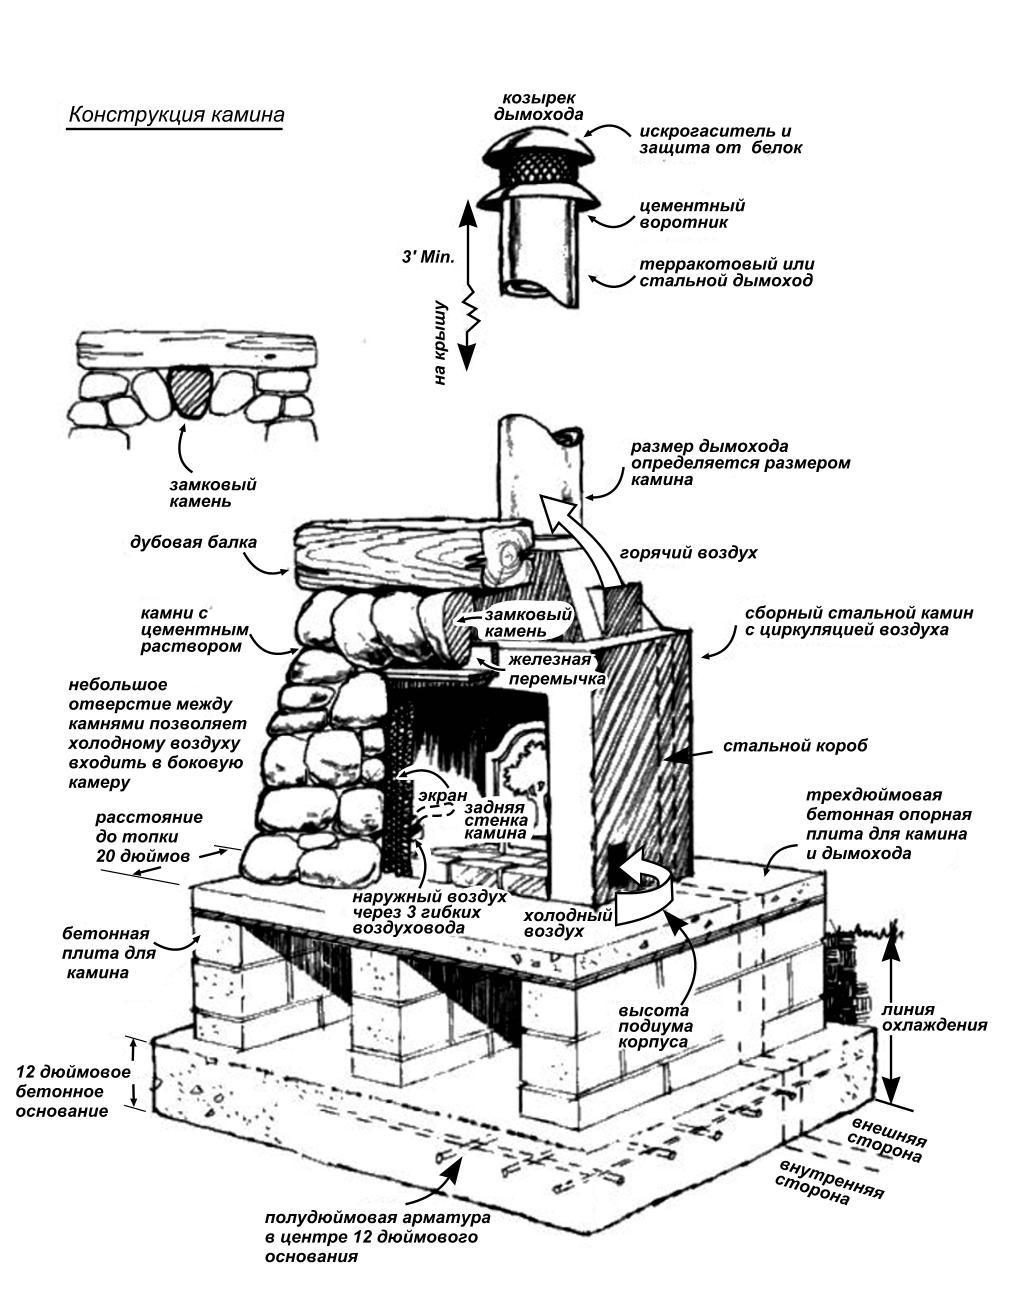 Как сделать мангал из камня своими руками: подготовка и строительство